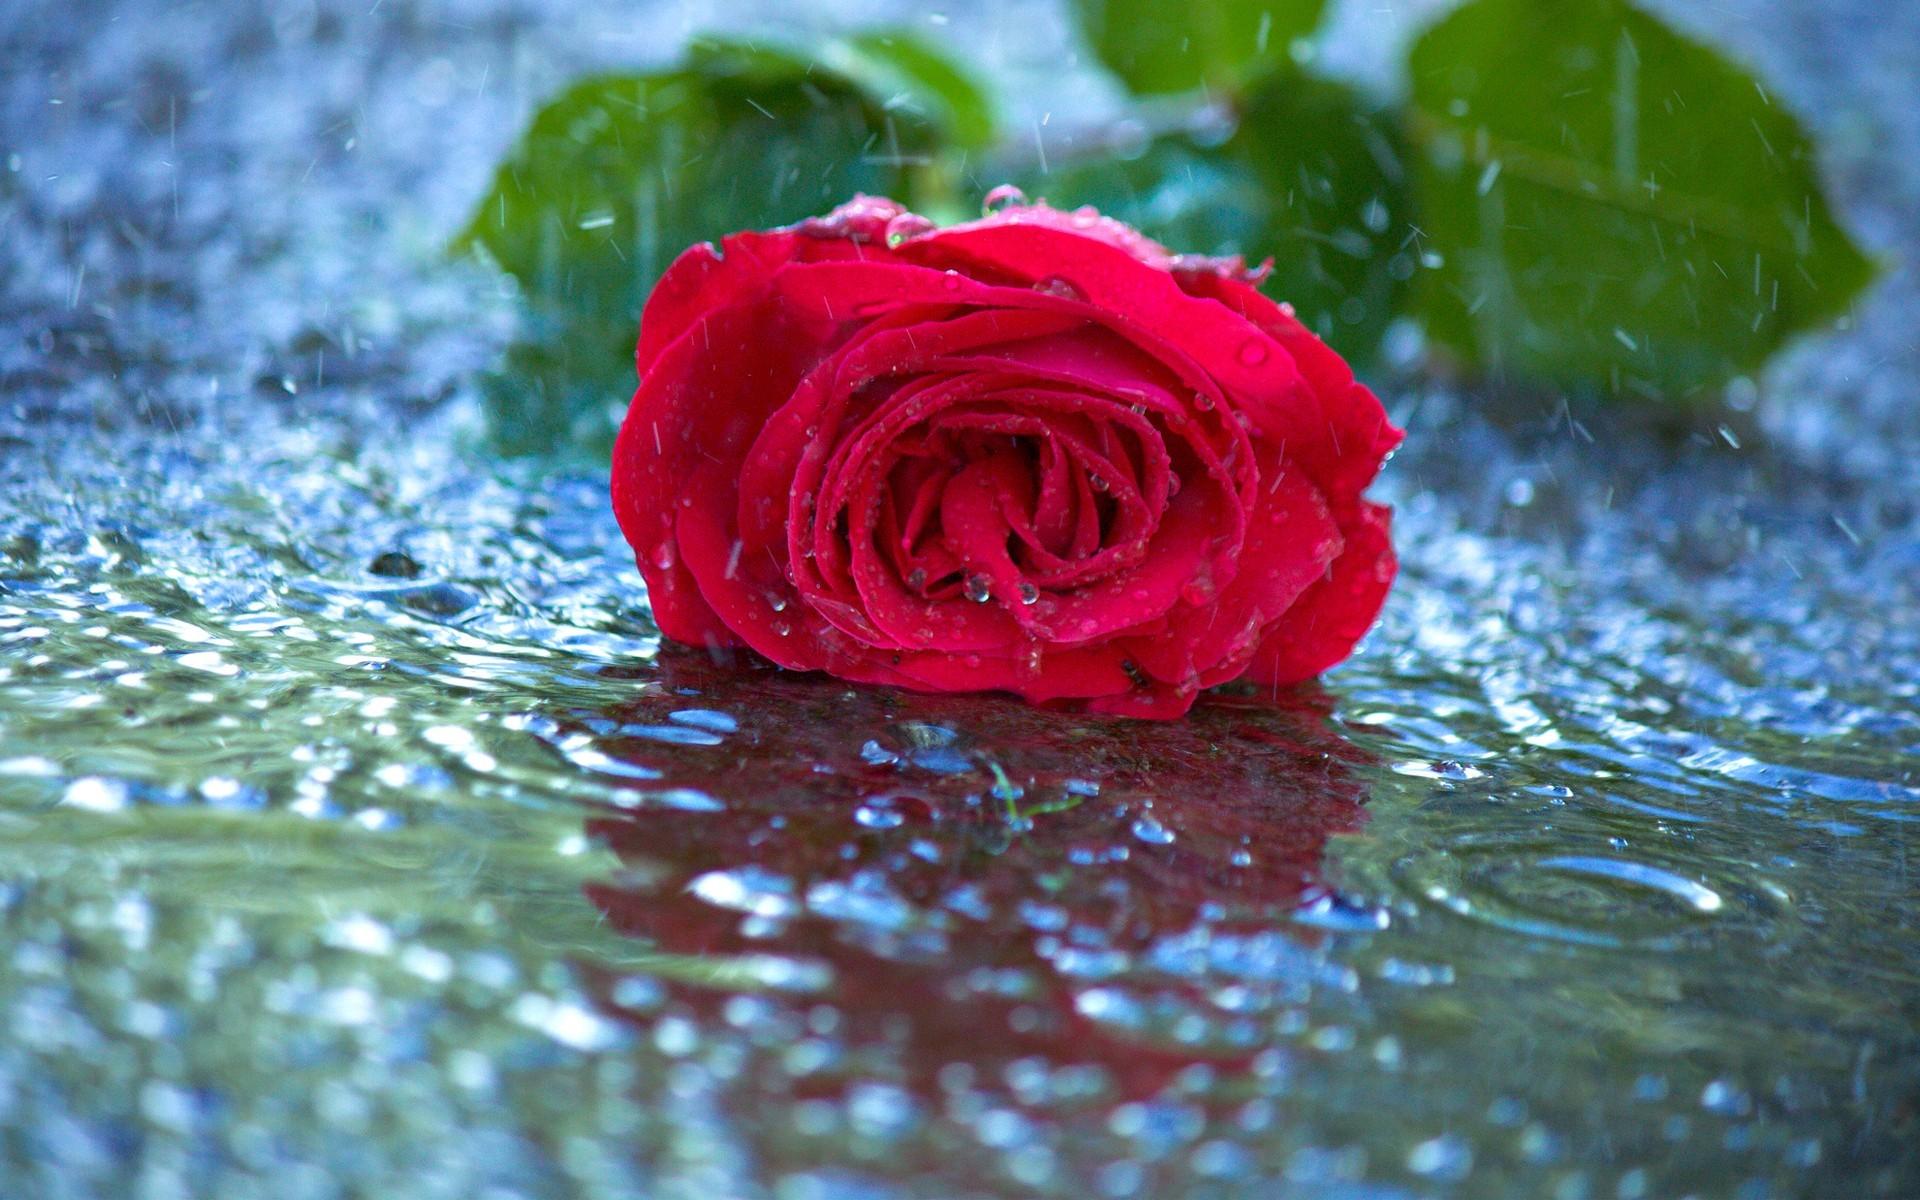 Картинка: Цветок, роза, красная, лежит, листья, вода, дождь, капли